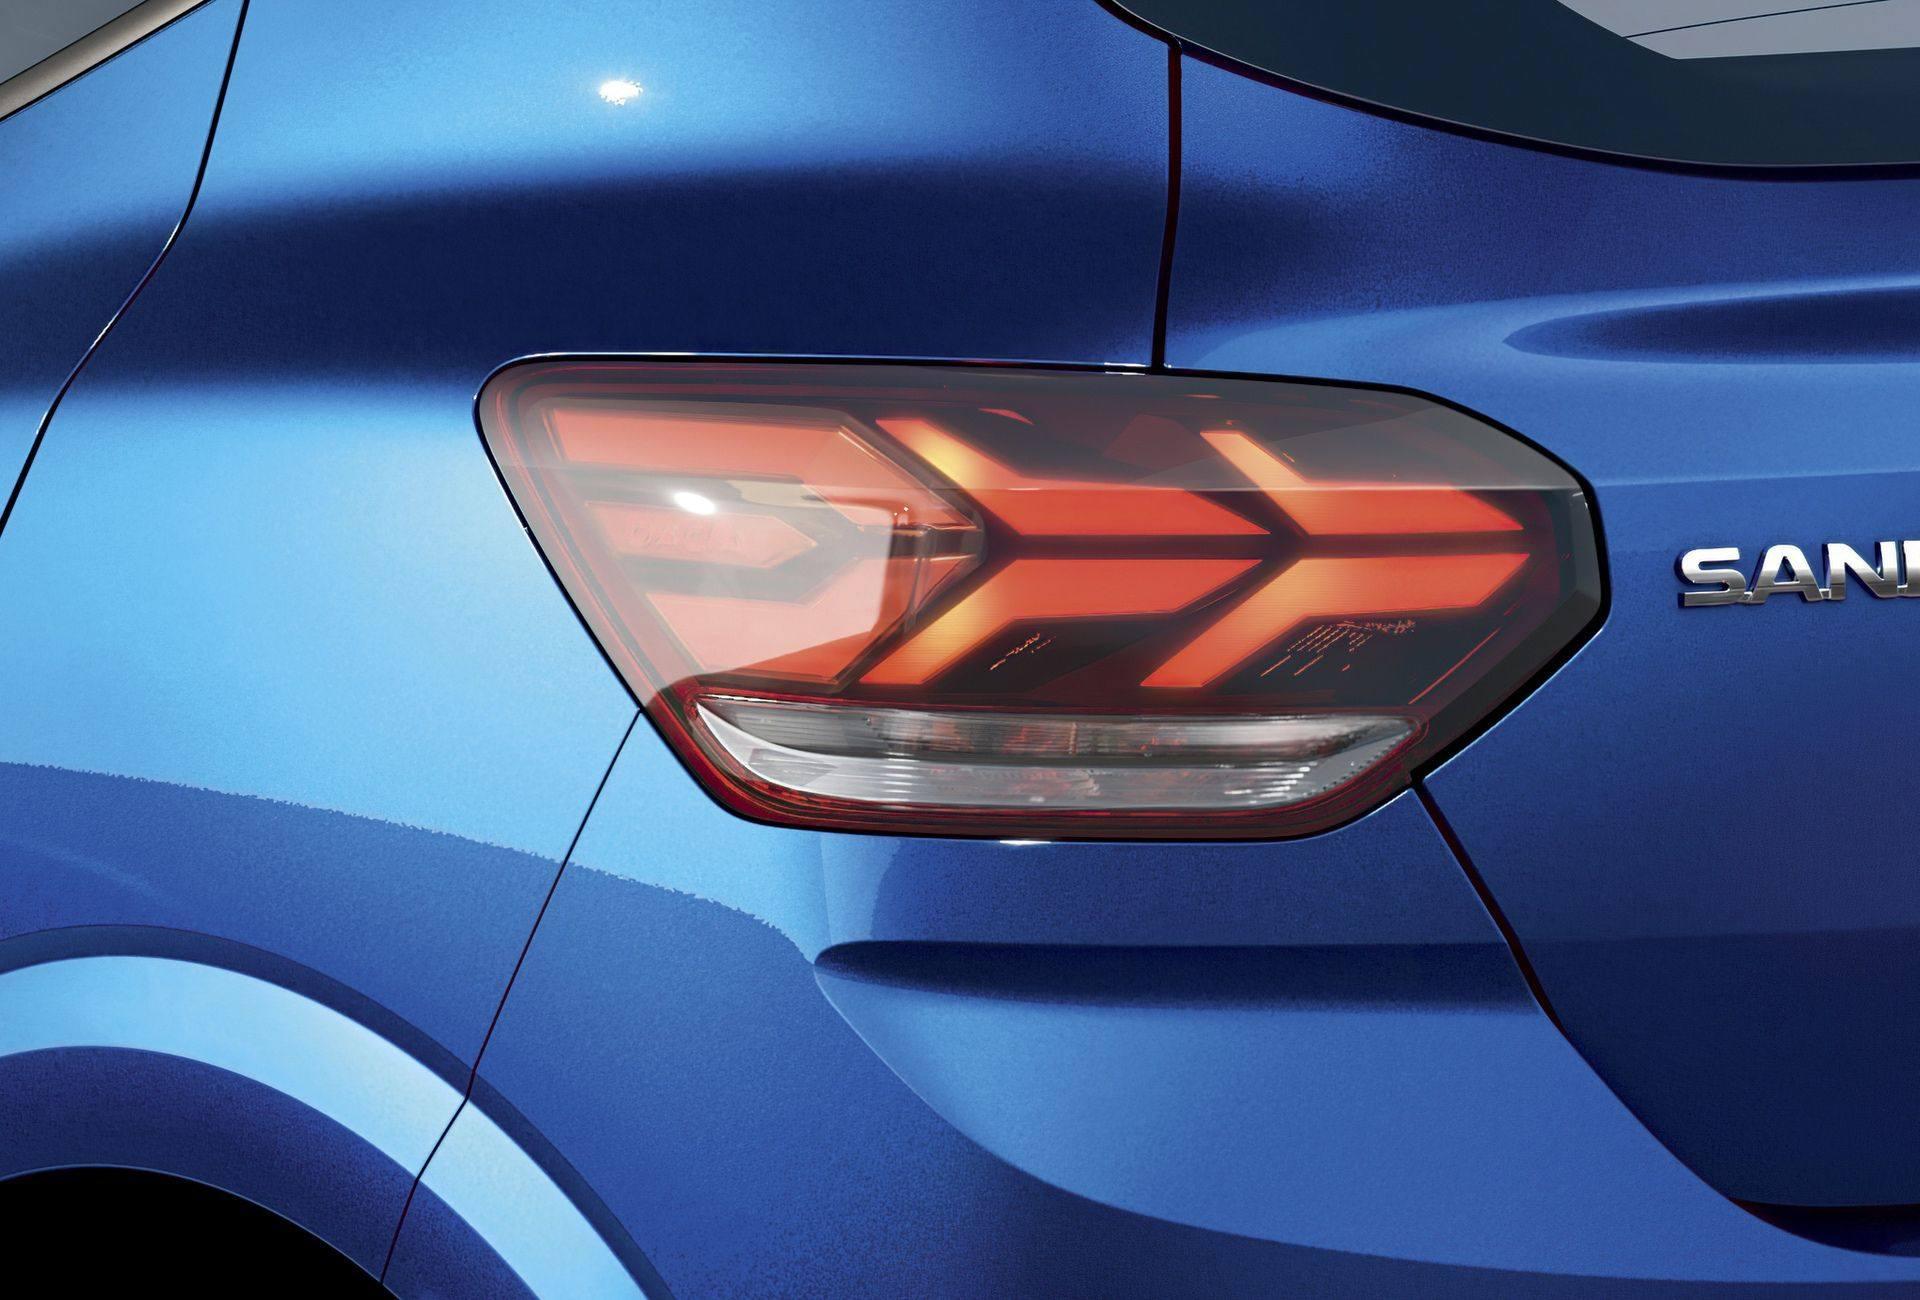 2020_Dacia_Sandero_0012